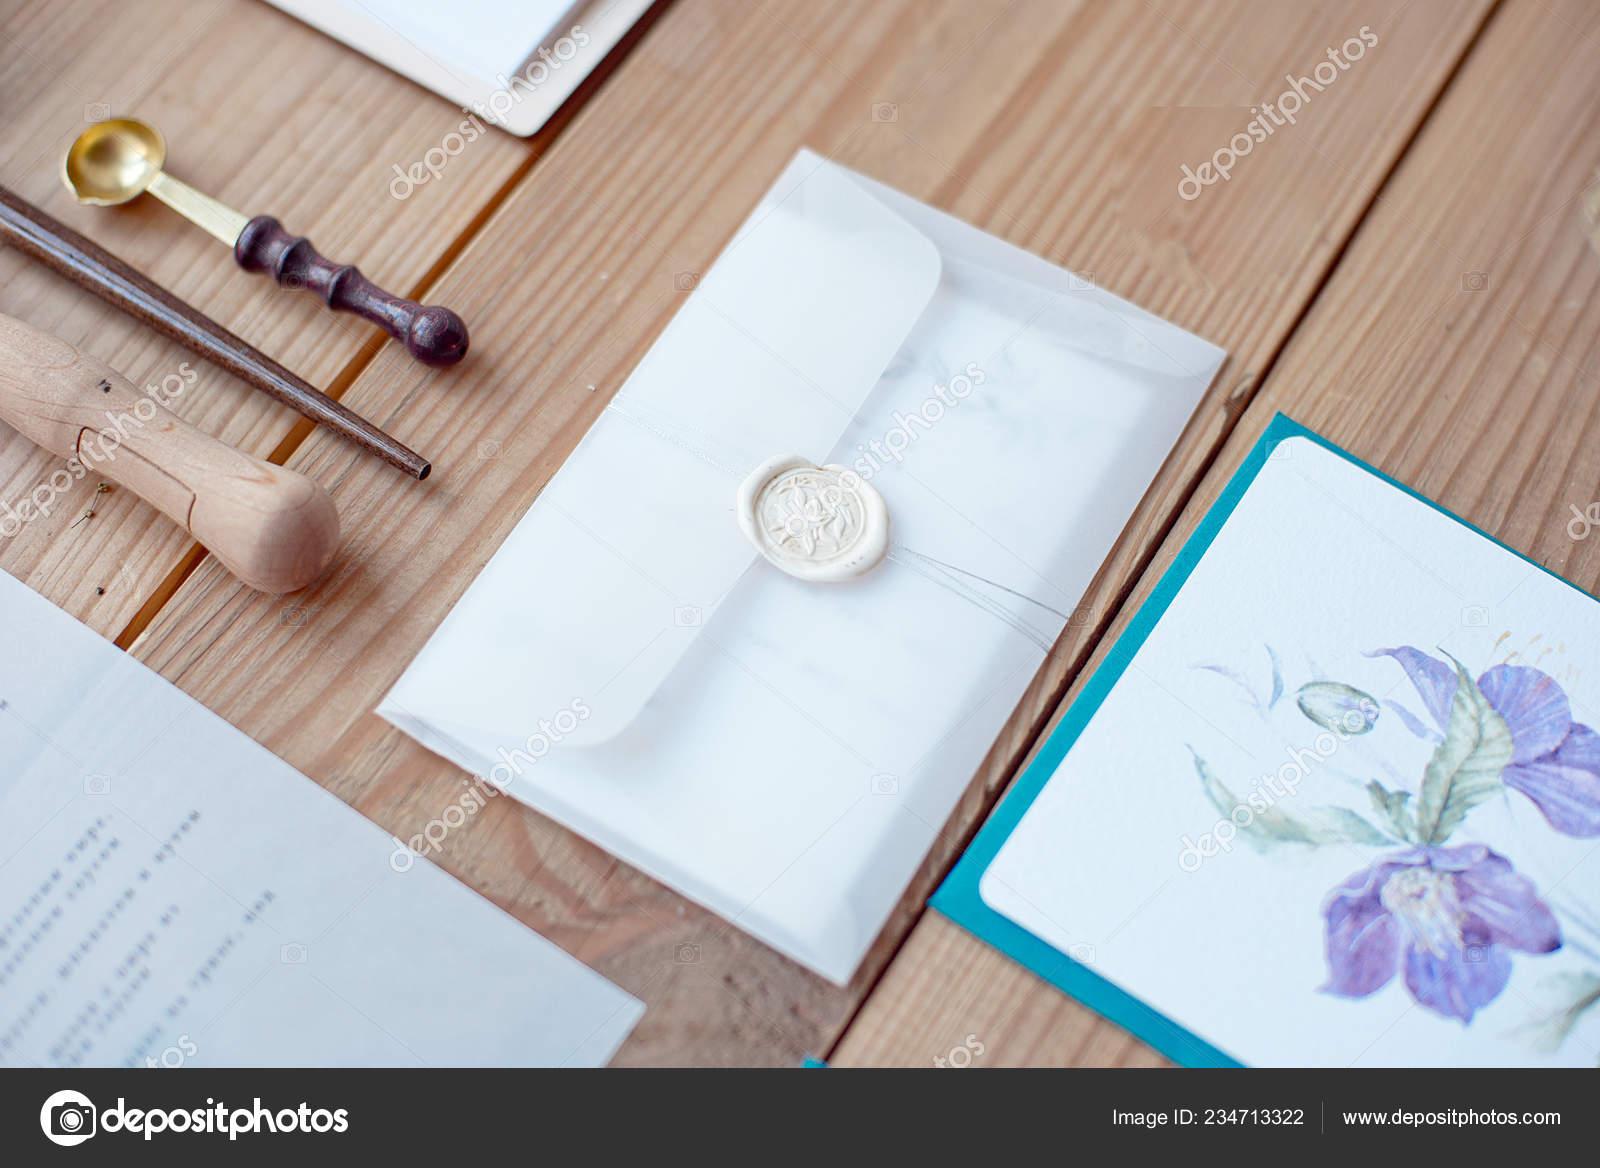 bcaa3717a8 Esküvői Meghívó Boríték Csipke Kártyák Kalligráfia Eszközök Fából Készült  Padló– stock kép